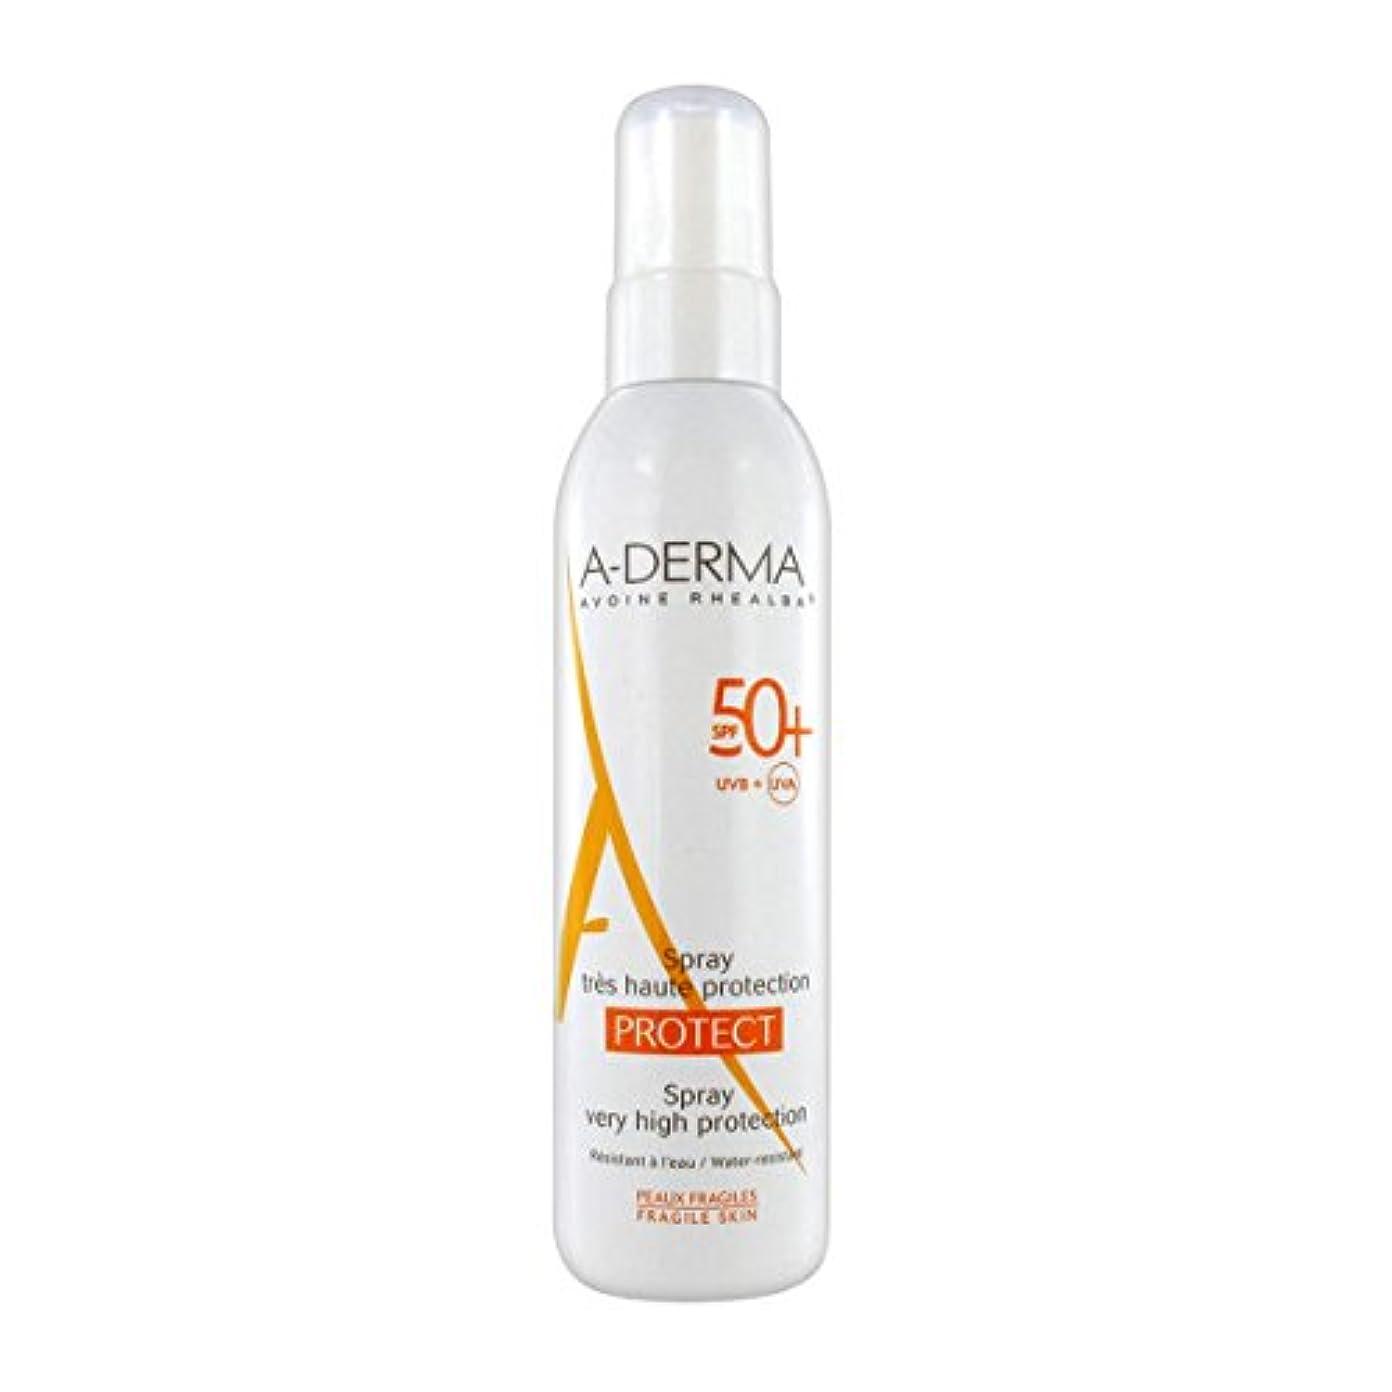 検閲決定大事にするA-derma Protect Spray Spf50+ 200ml [並行輸入品]